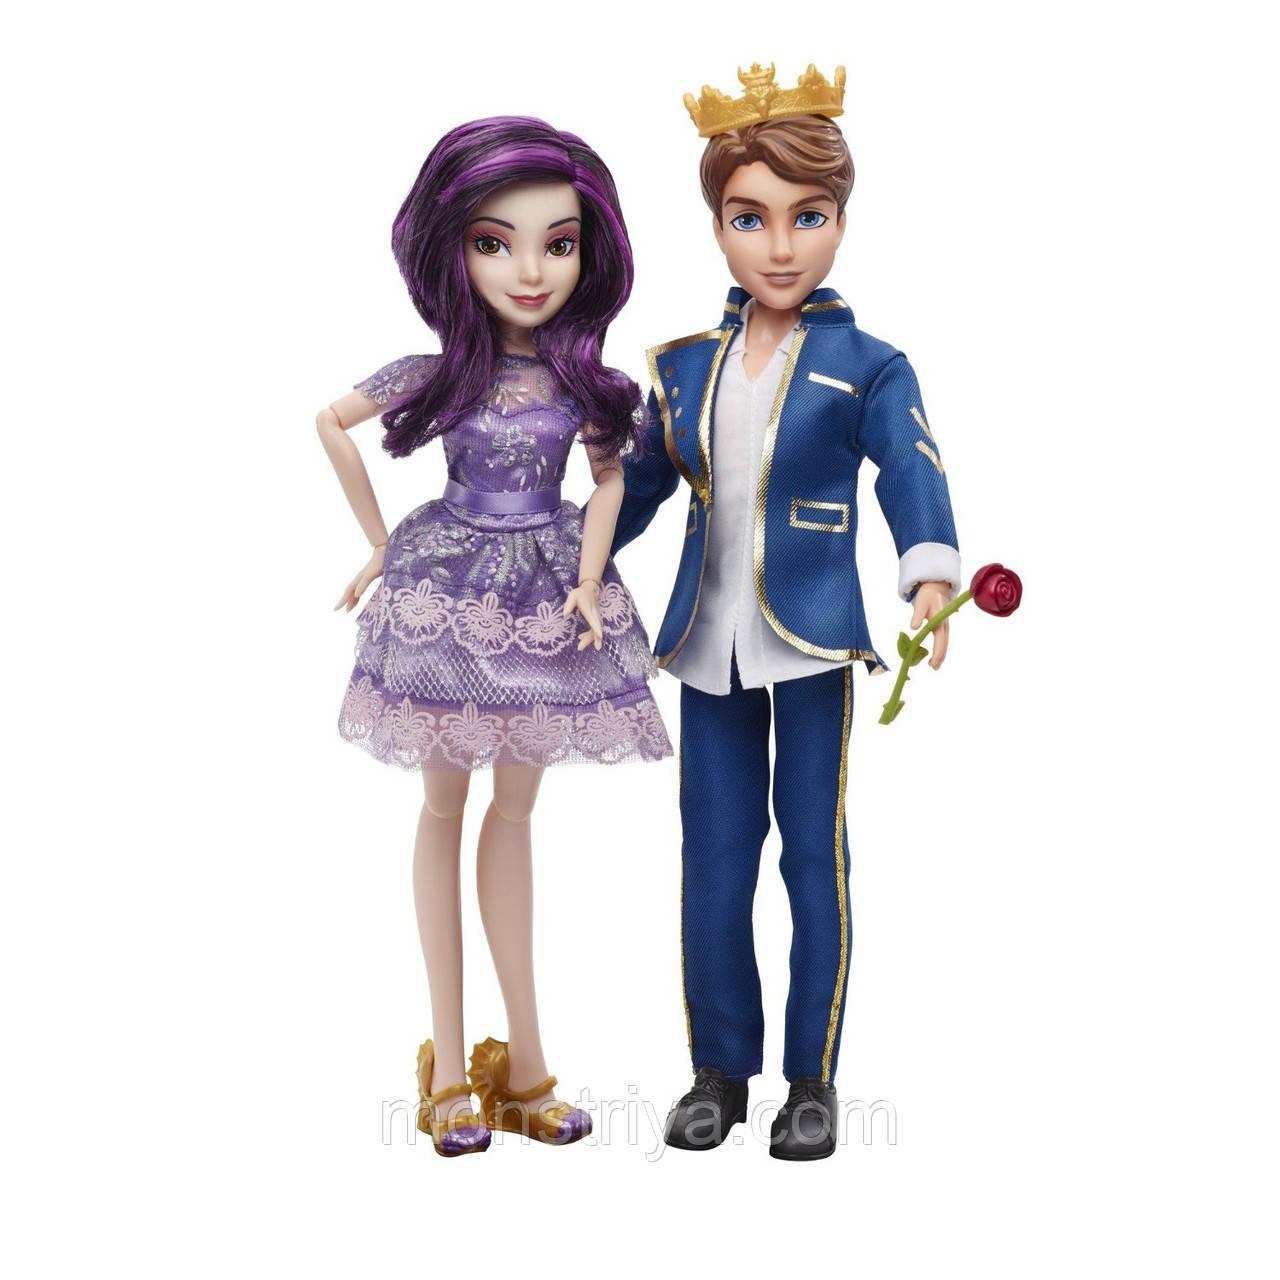 Набор кукол Мэл и Бен «Затерянный остров» Disney Descendants Наследники